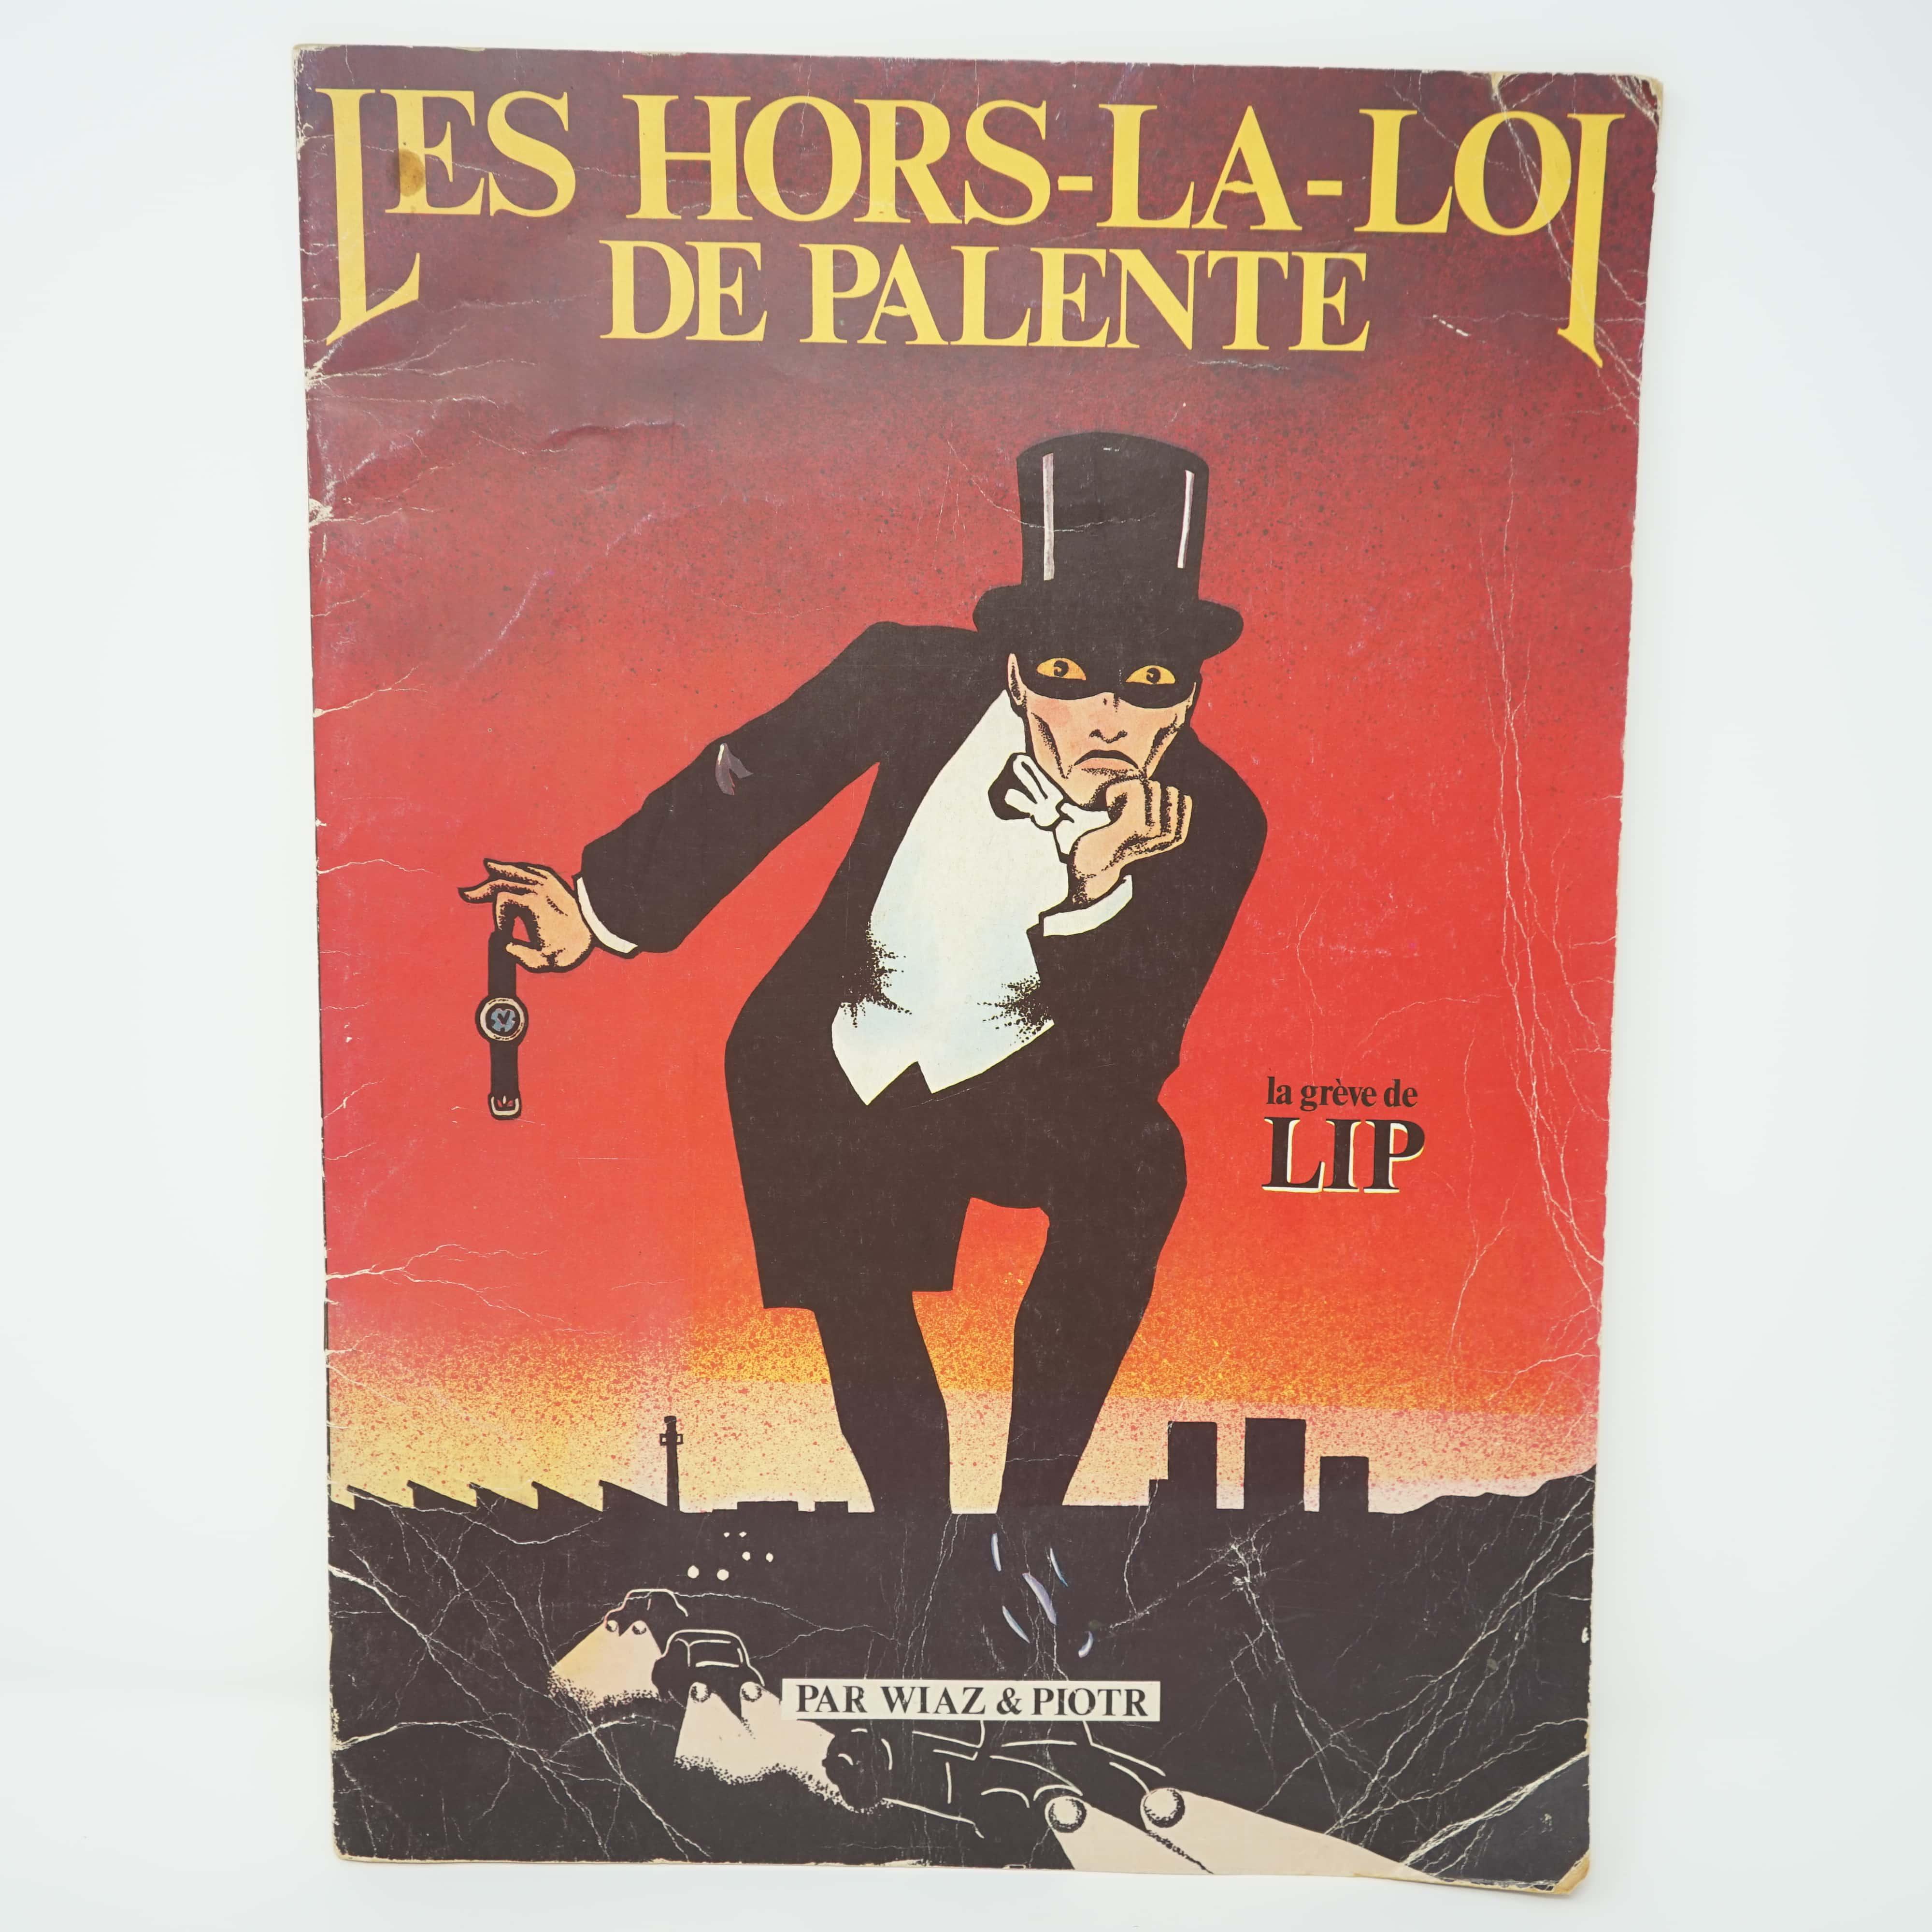 Les Hors-la-Loi de Palente 1974